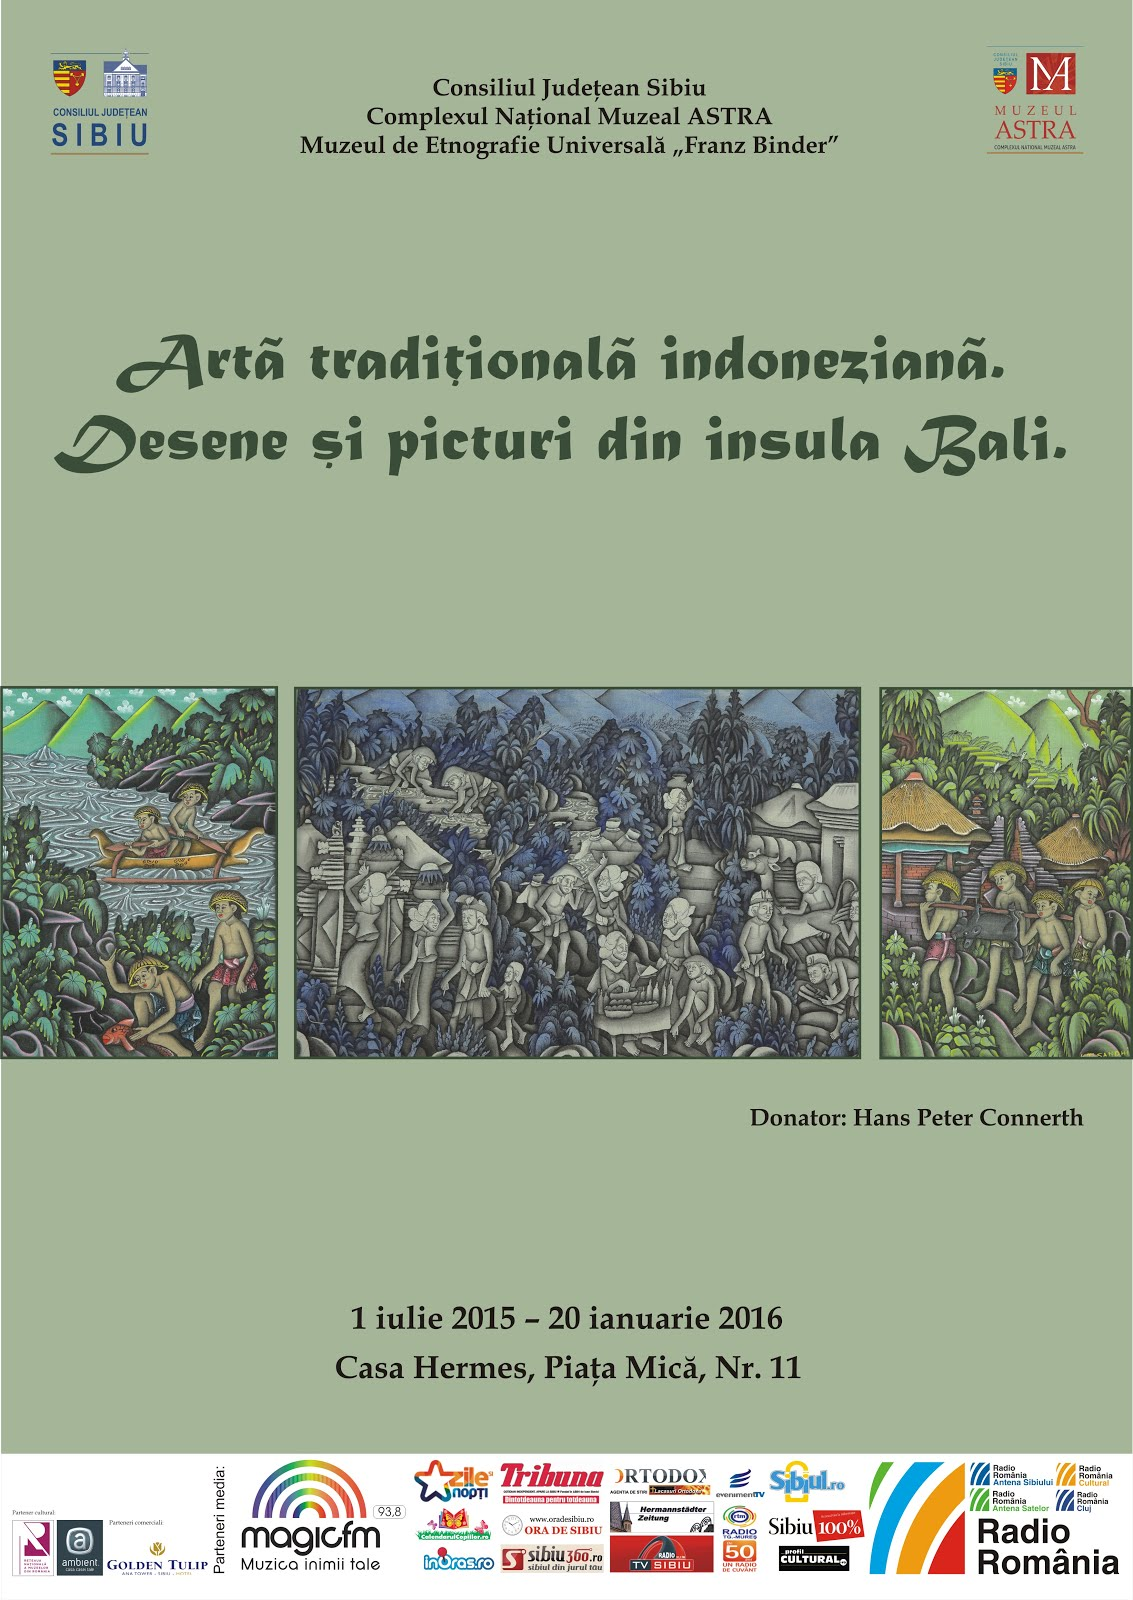 Artă tradițională indoneziană